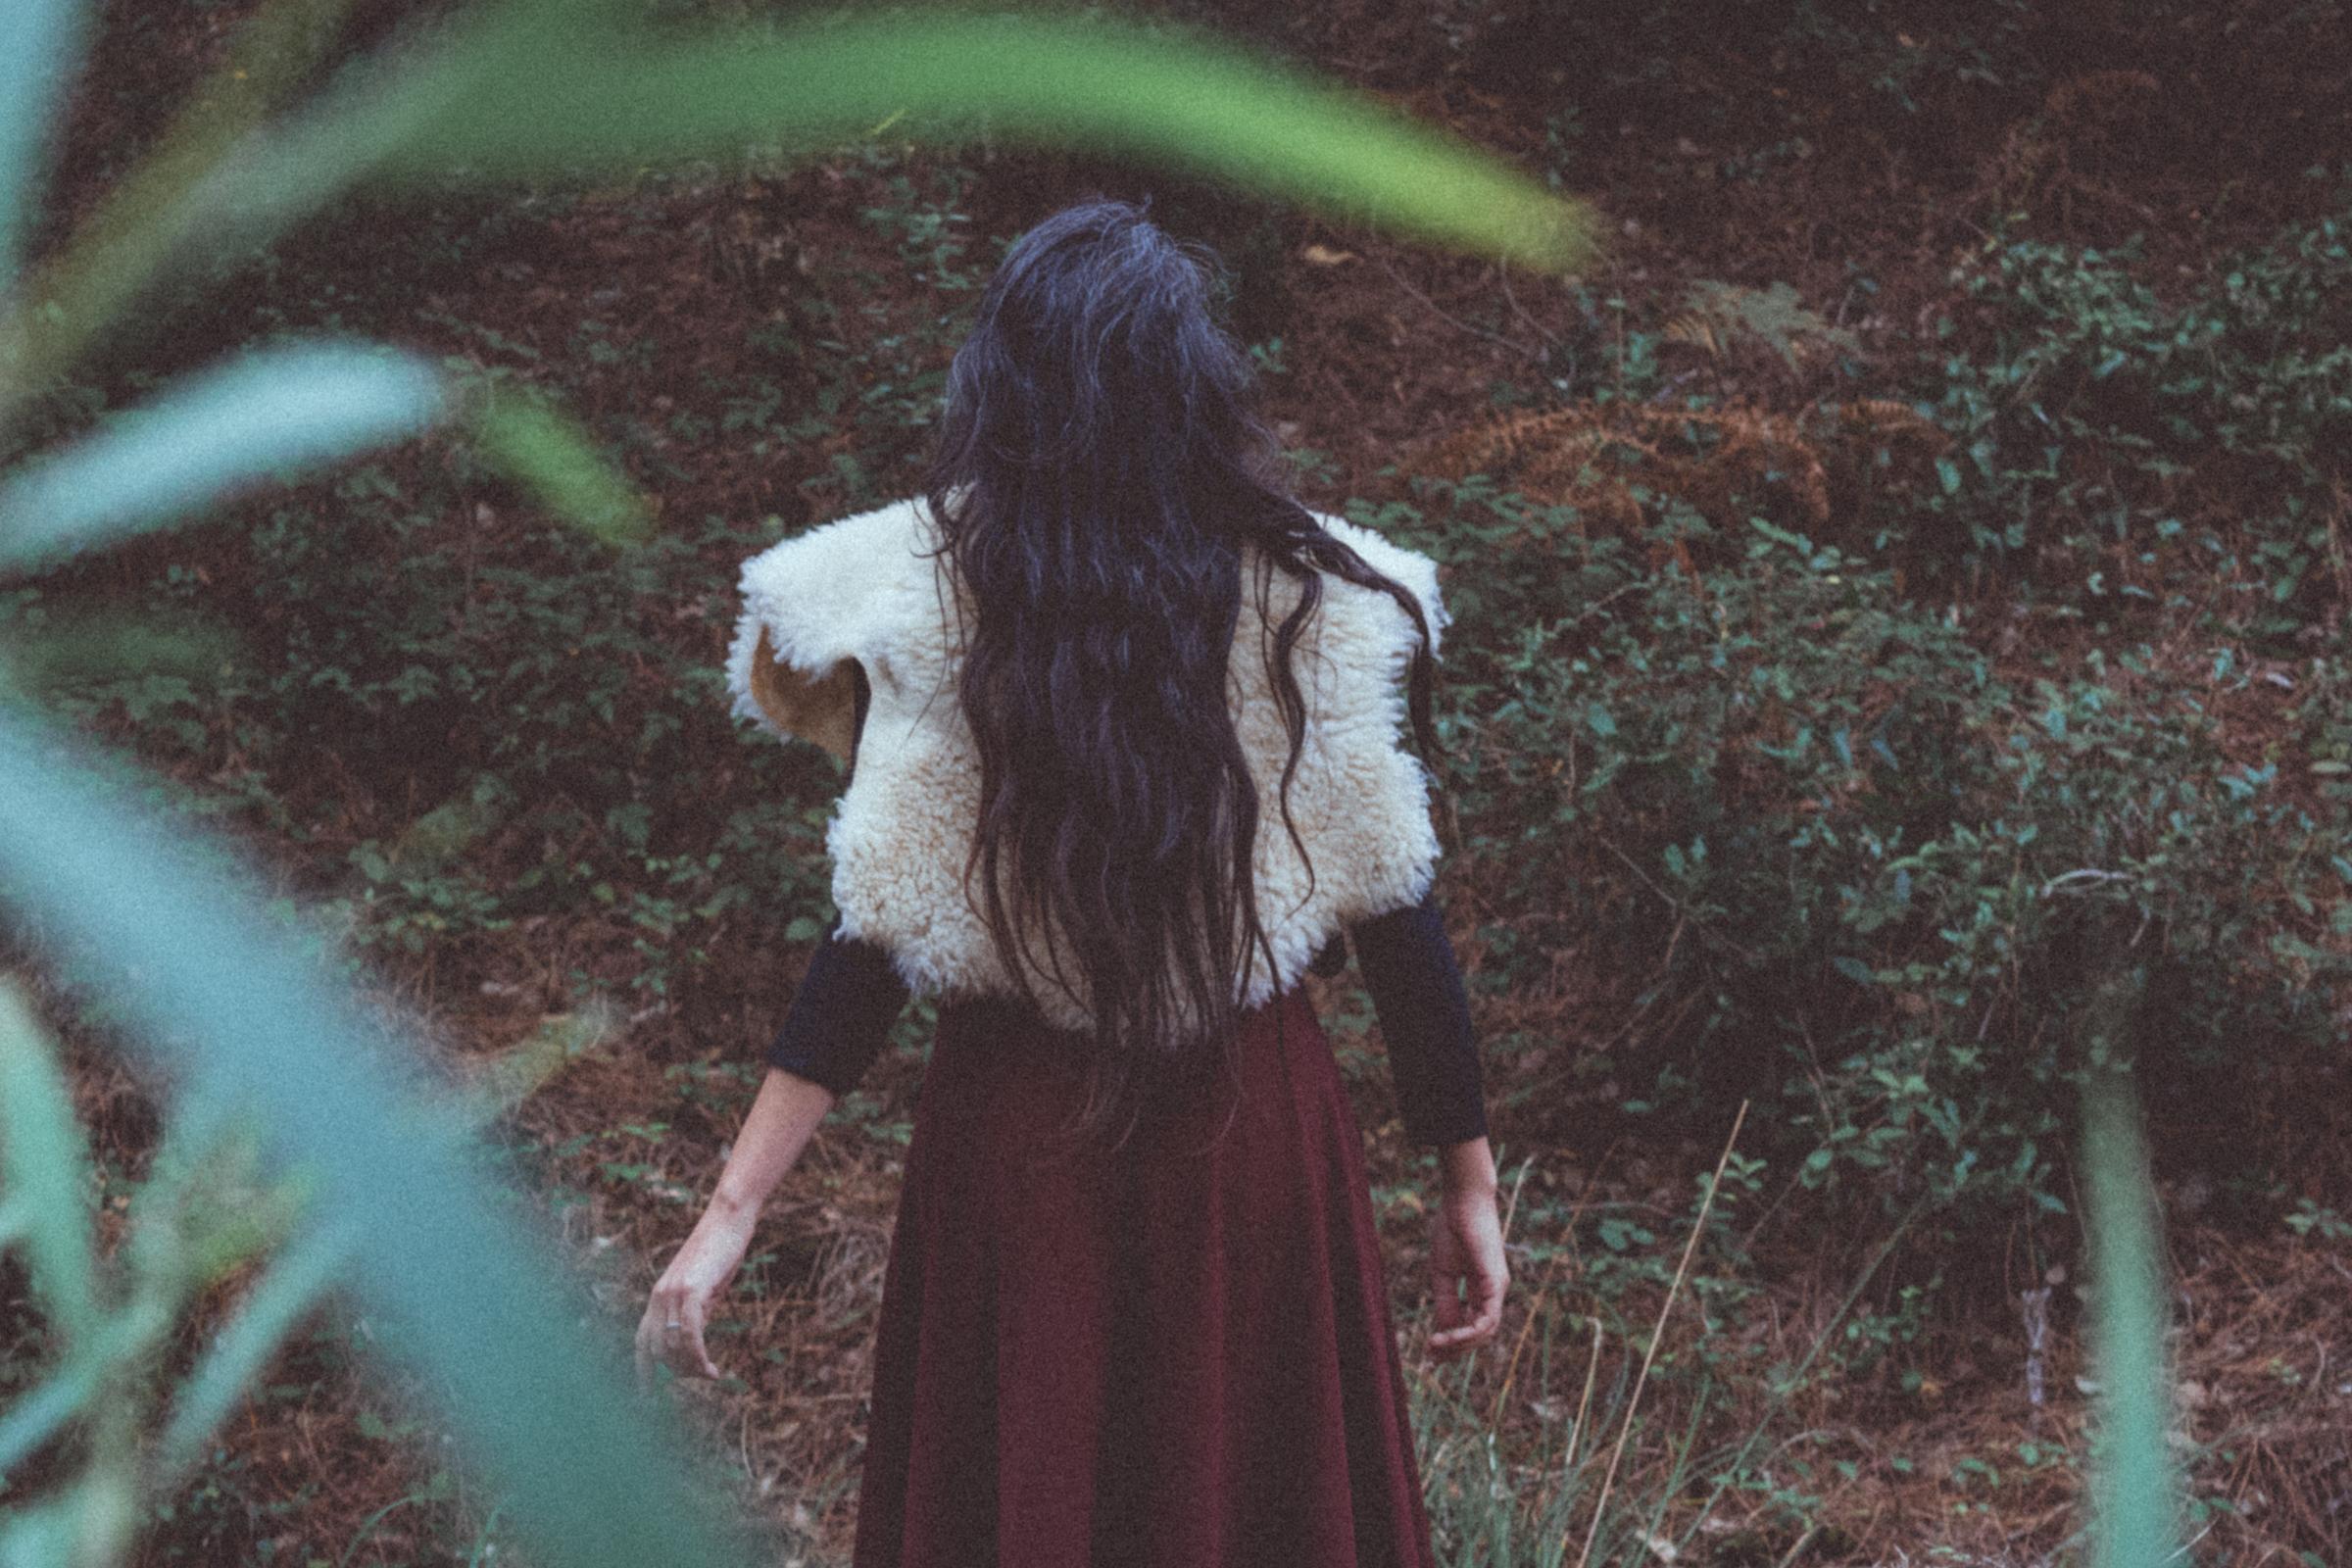 WILD ANA CROW